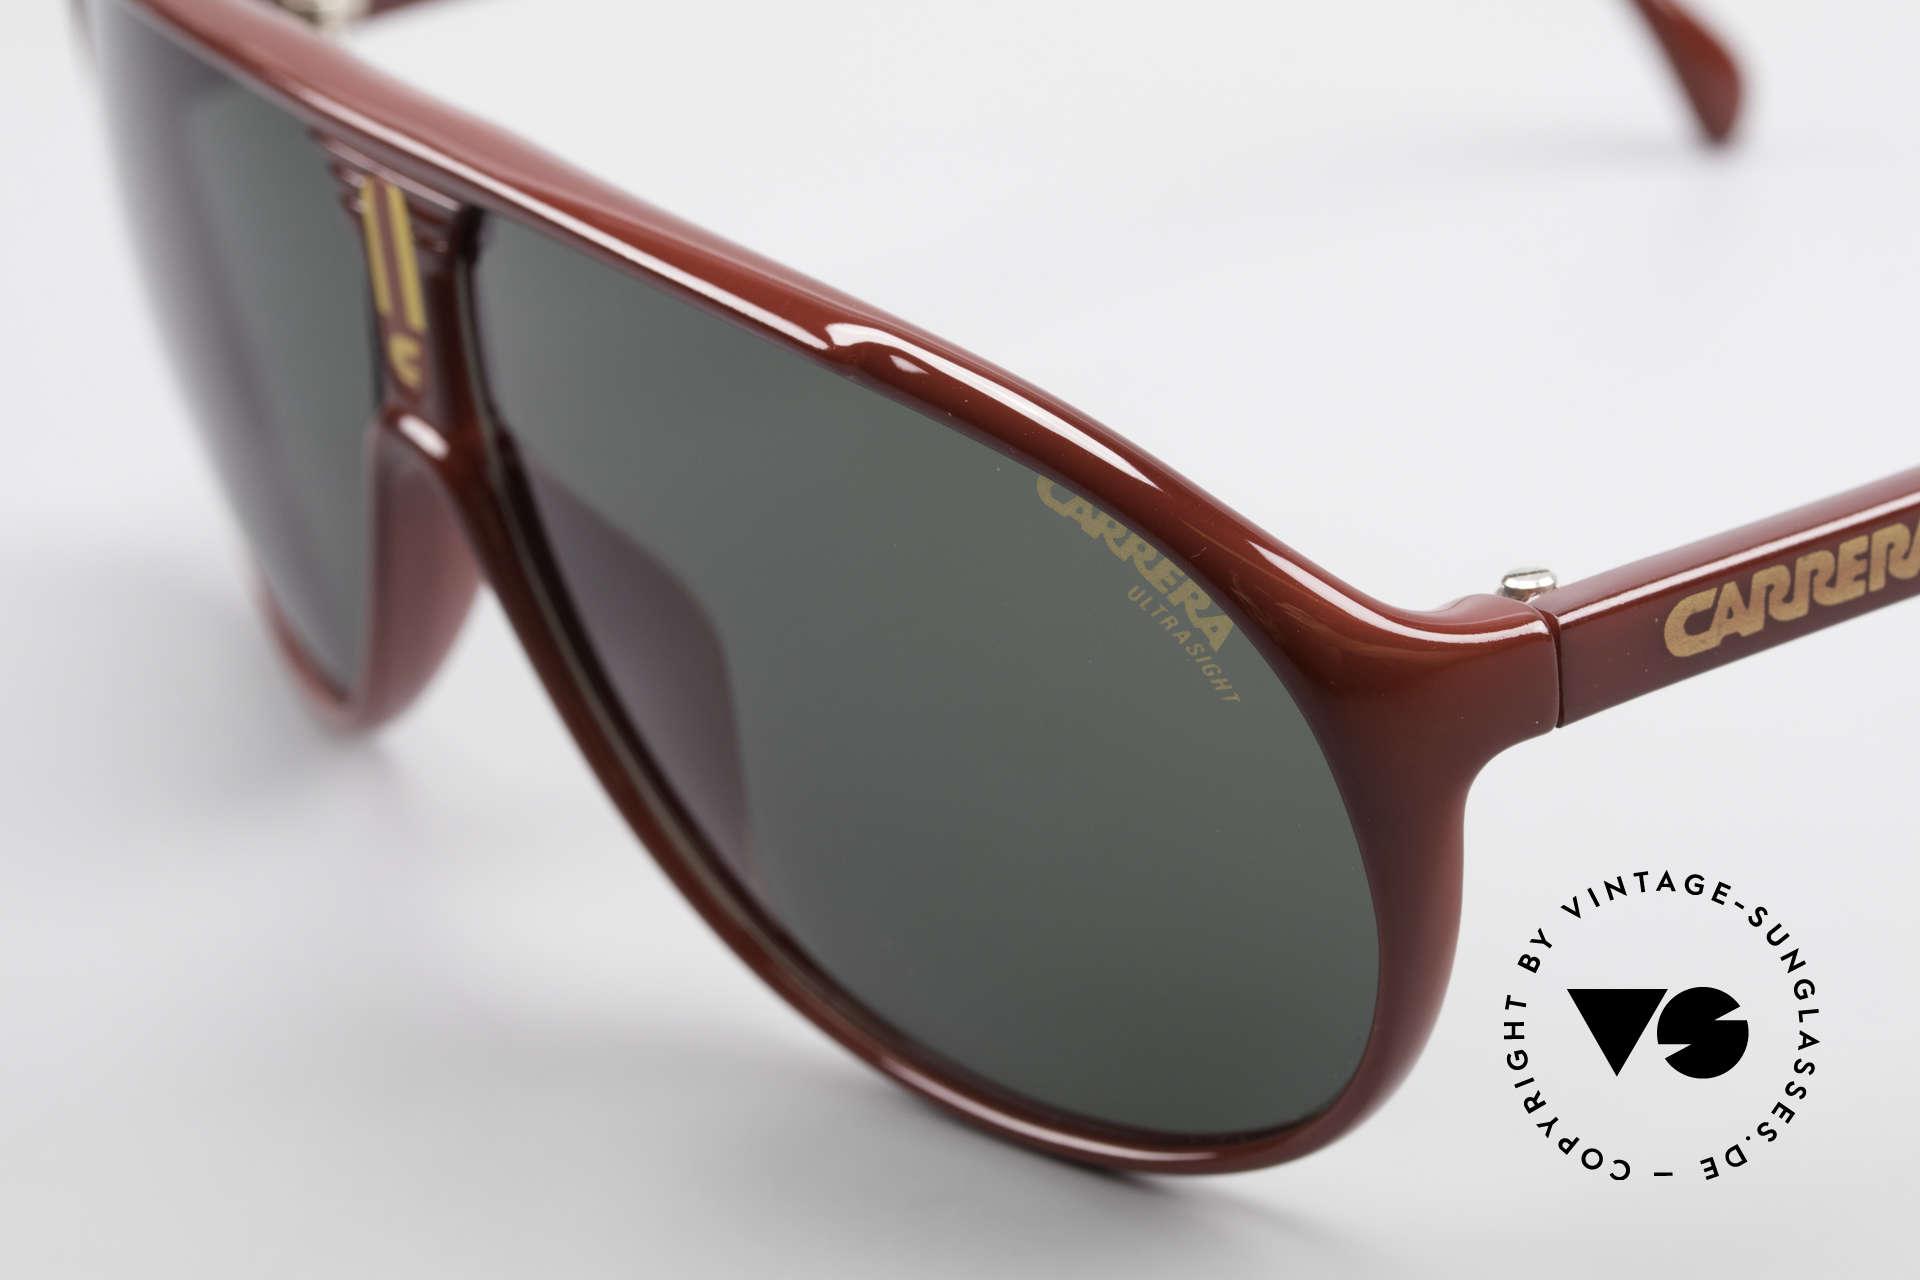 Carrera 5412 Brille 3 Paar Wechselgläser, 3 Paar Wechselgläser für unterschiedliche Bedingungen, Passend für Herren und Damen